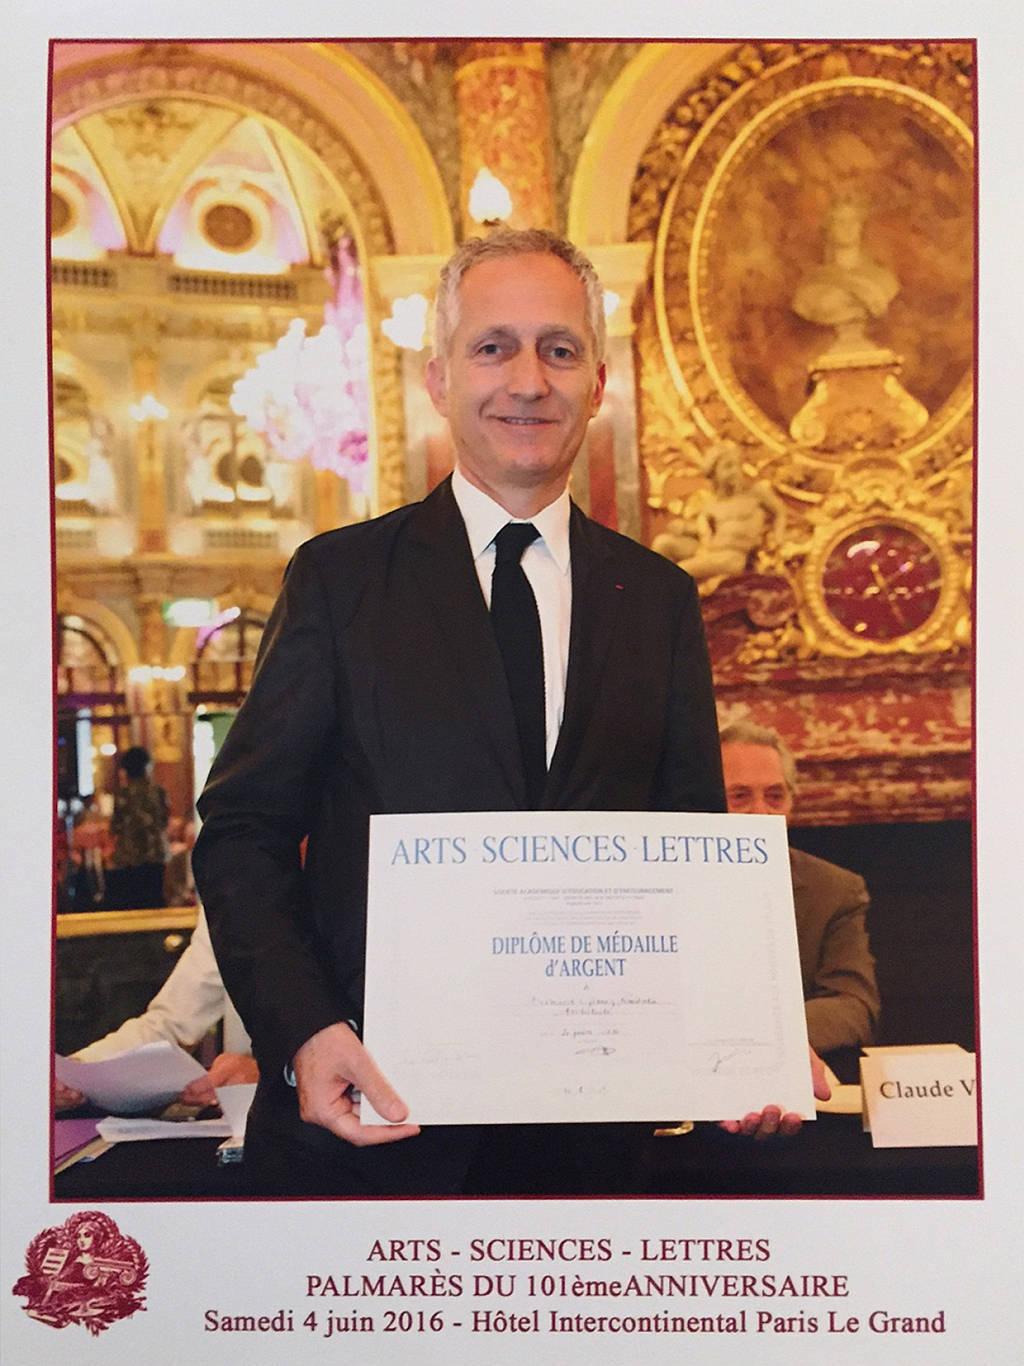 La Sociedad Académica Arts-Sciences-Lettres otorga la Medalla de Plata al Dr. Bernardo Gómez-Pimienta : Fotografía cortesía de © bgp arquitectura